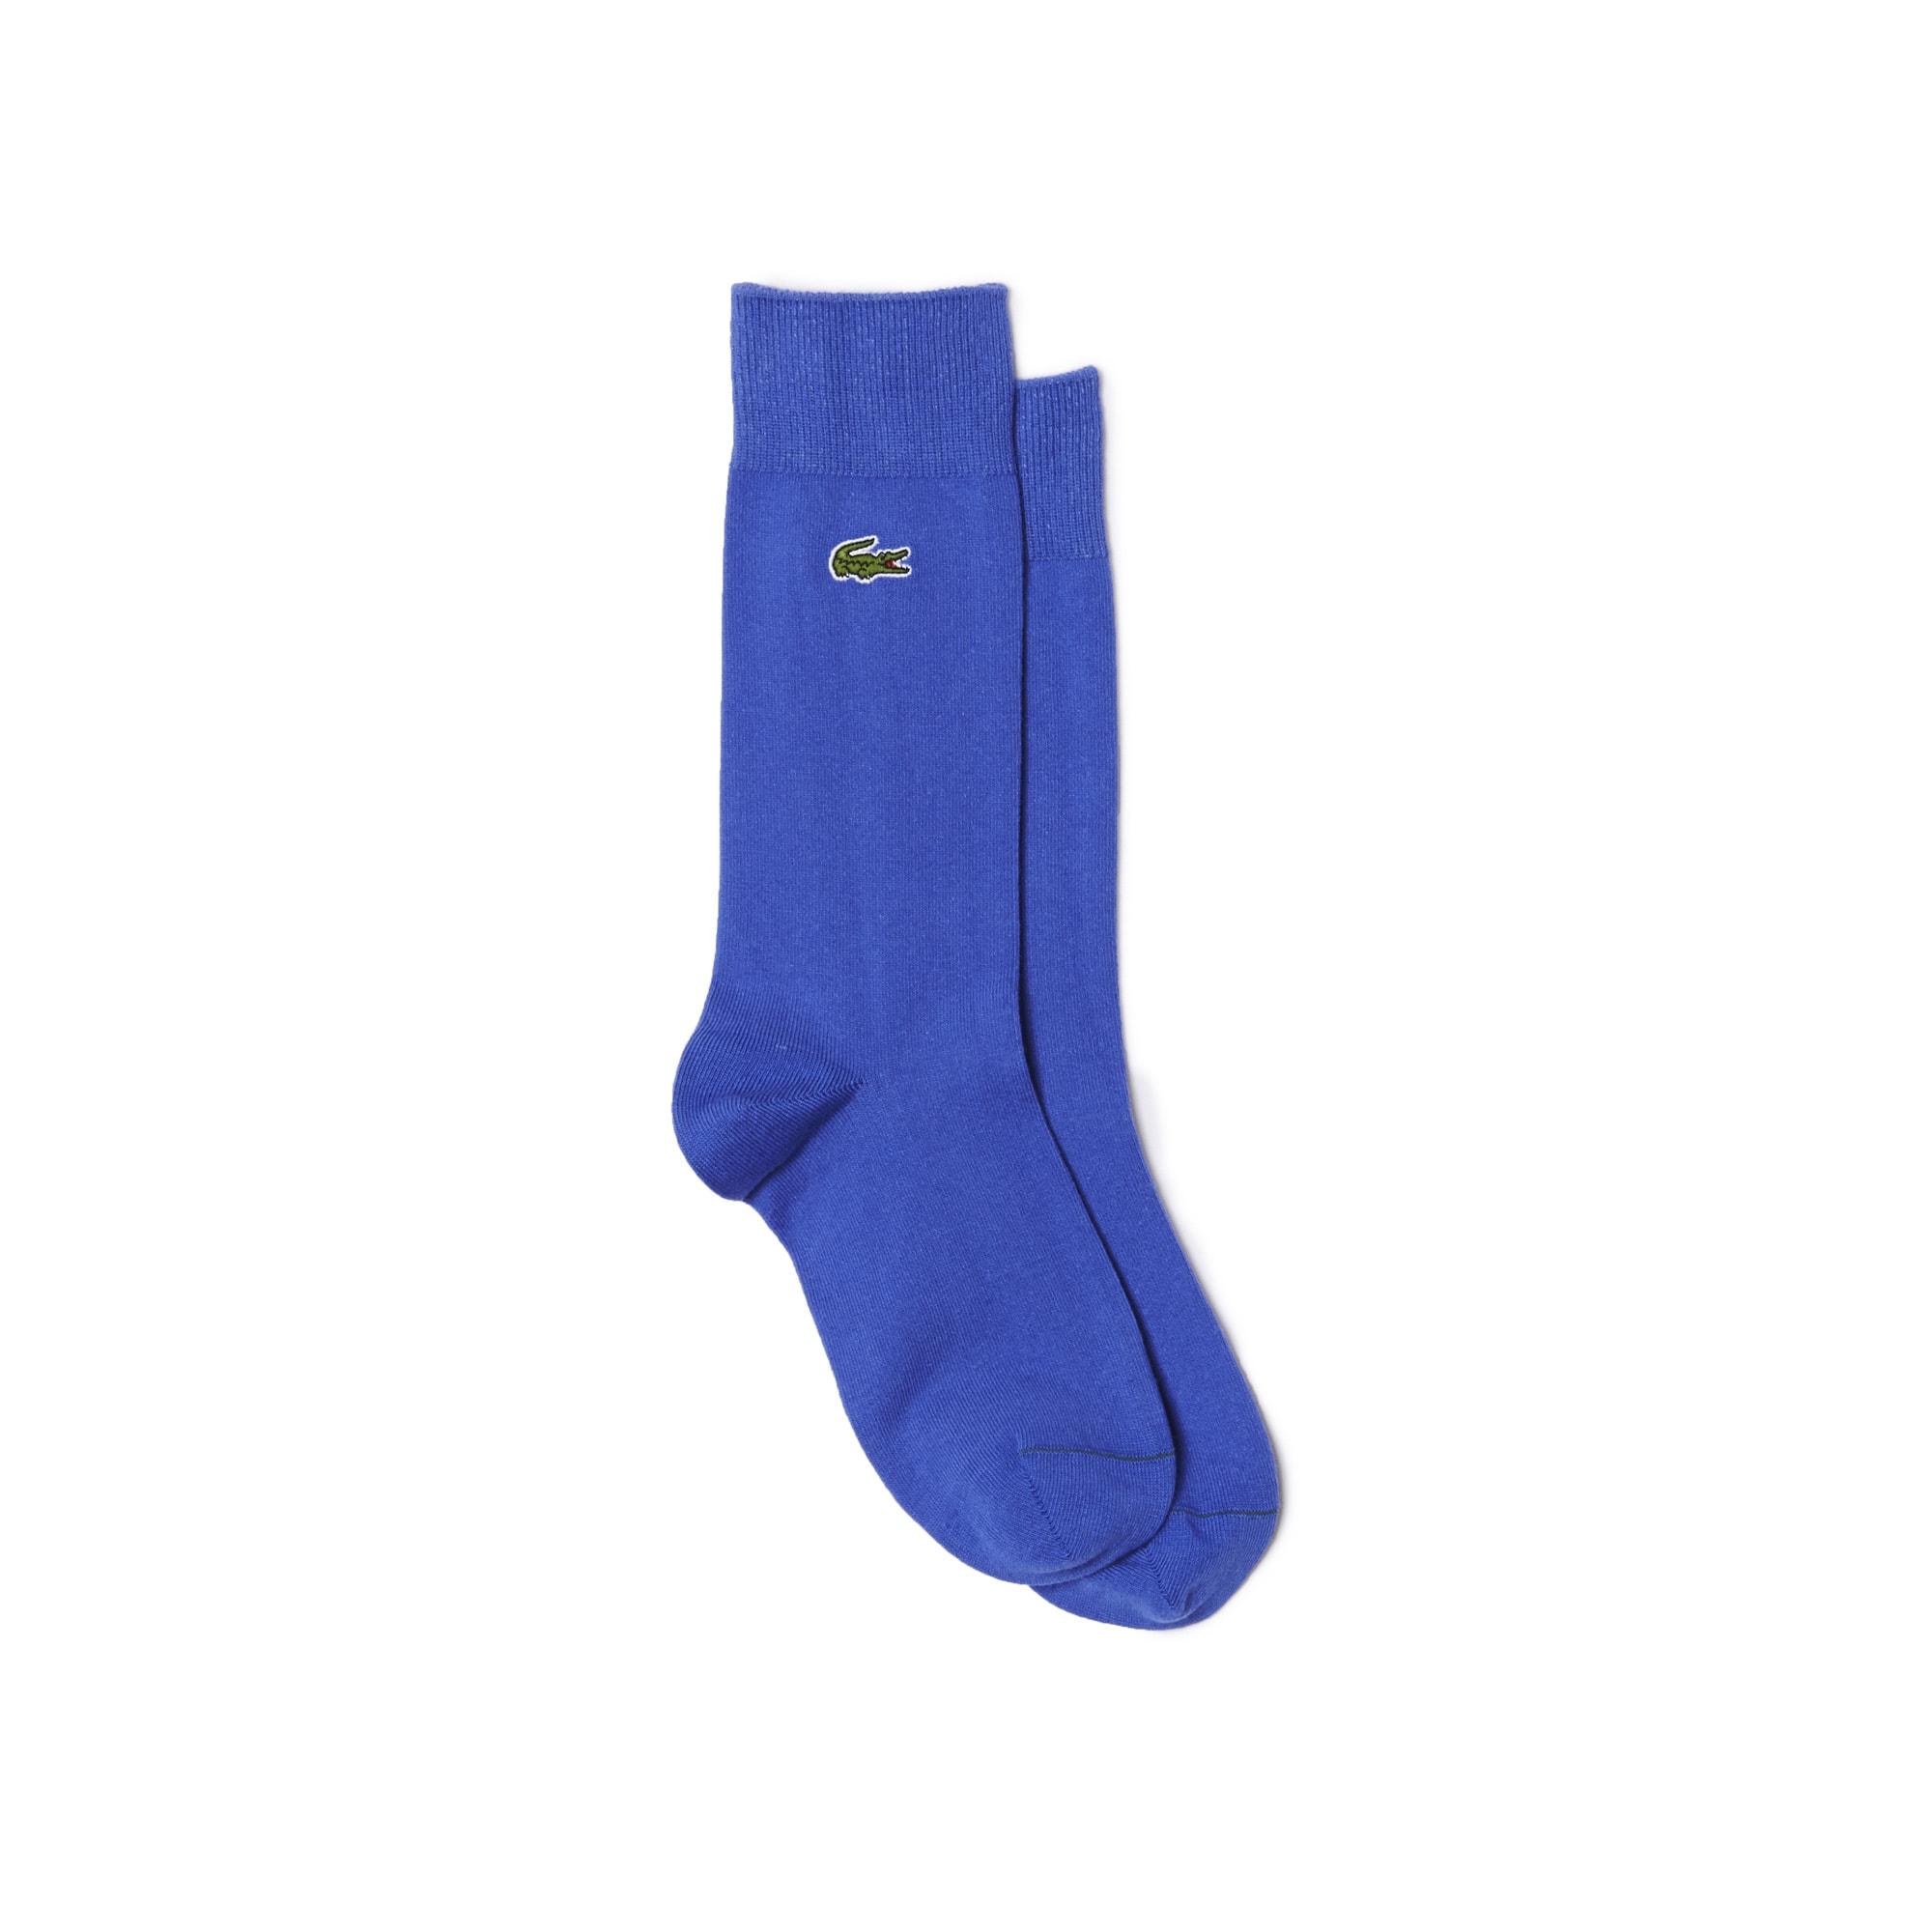 Socken aus einfarbigem Jersey